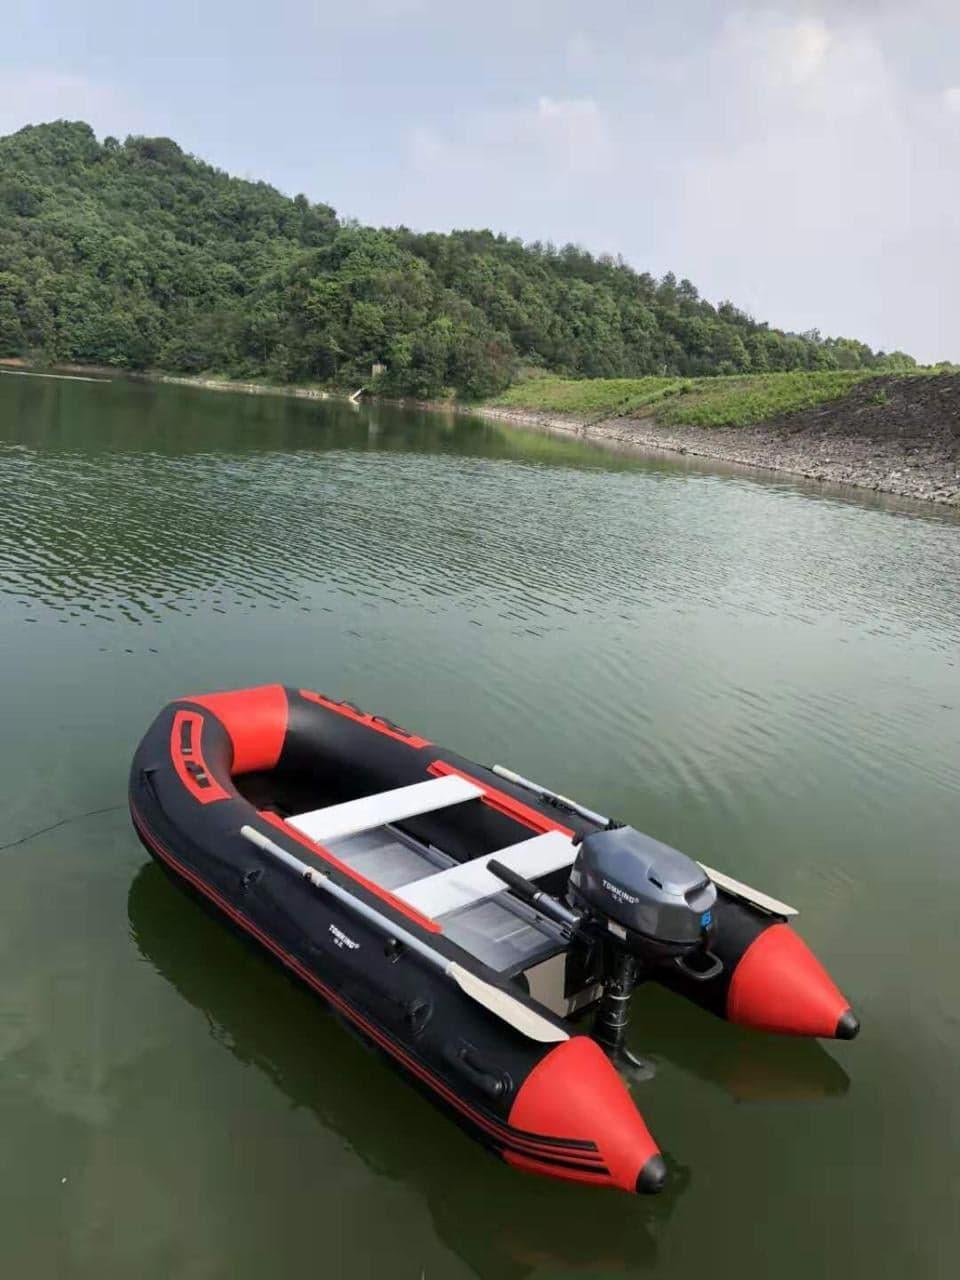 Bảng giá Thuyền phao bơm hơi đaý cứng TK RIB 230